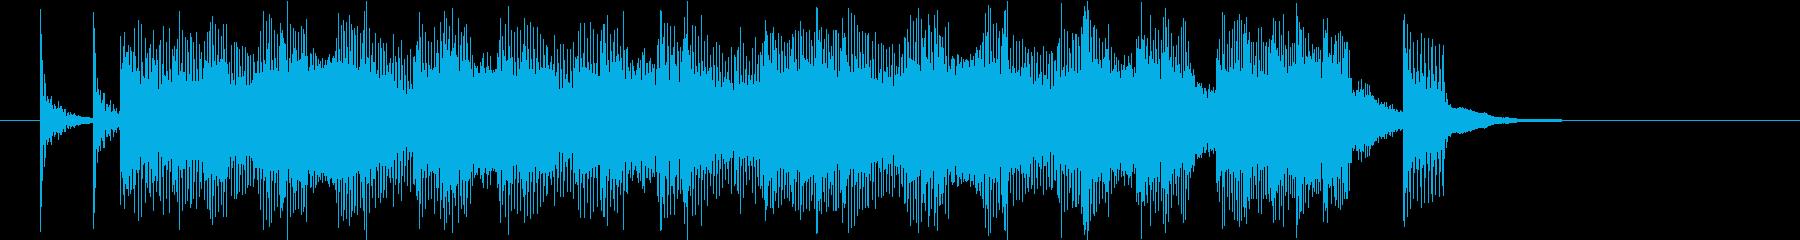 子供番組のシーンチェンジのような曲の再生済みの波形